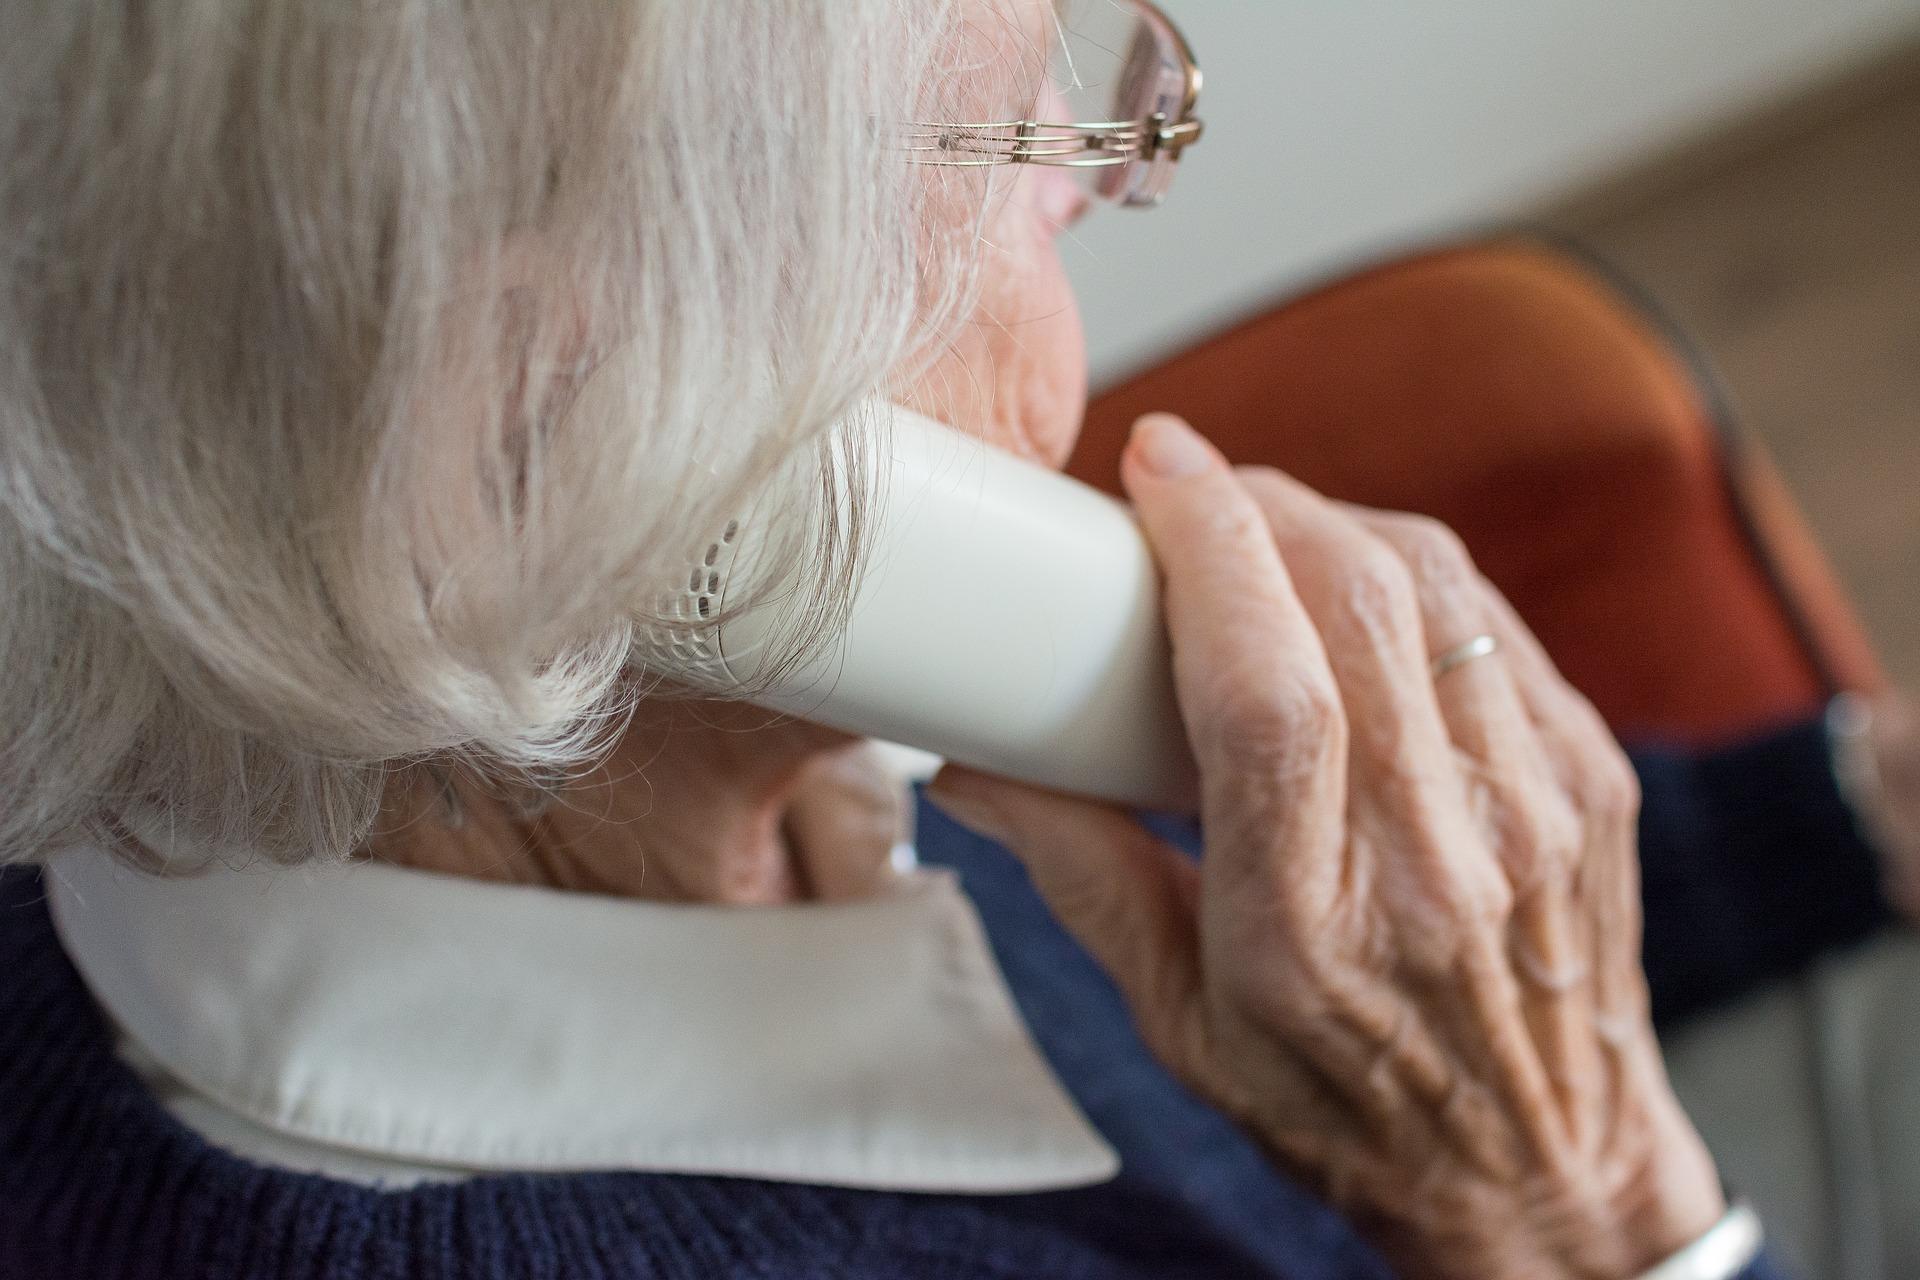 Choisir le bon téléphone portable pour senior